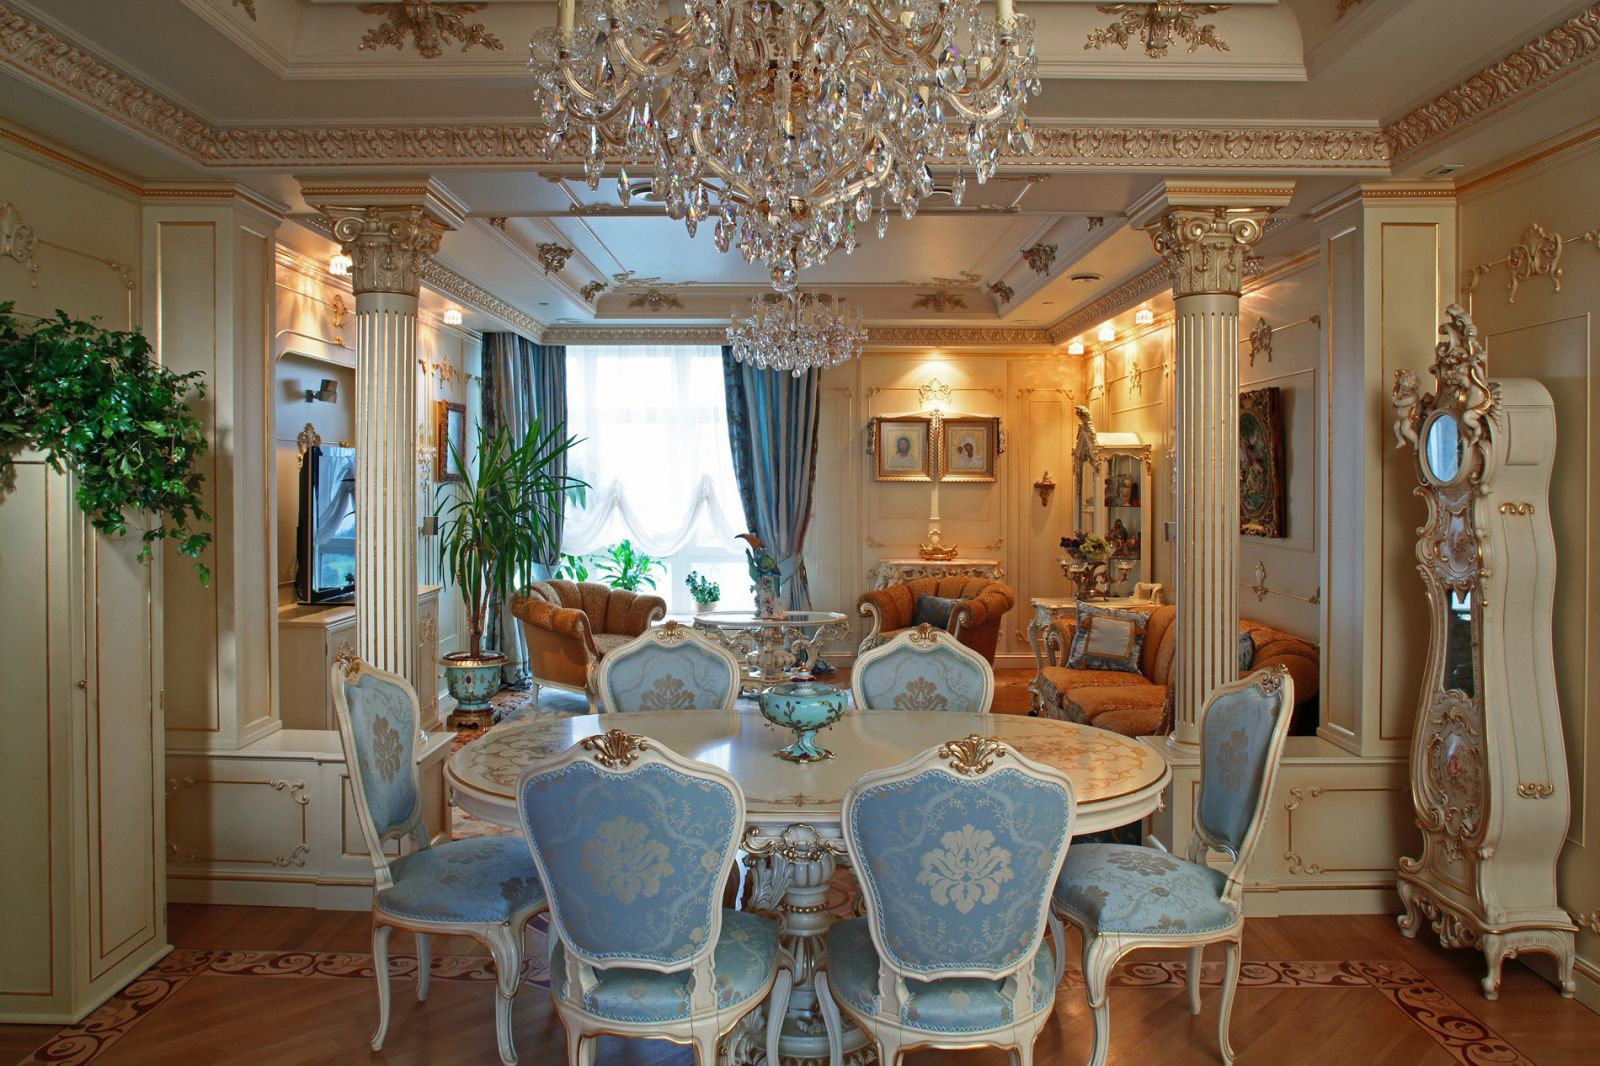 гостиная в стиле барокко с колоннами